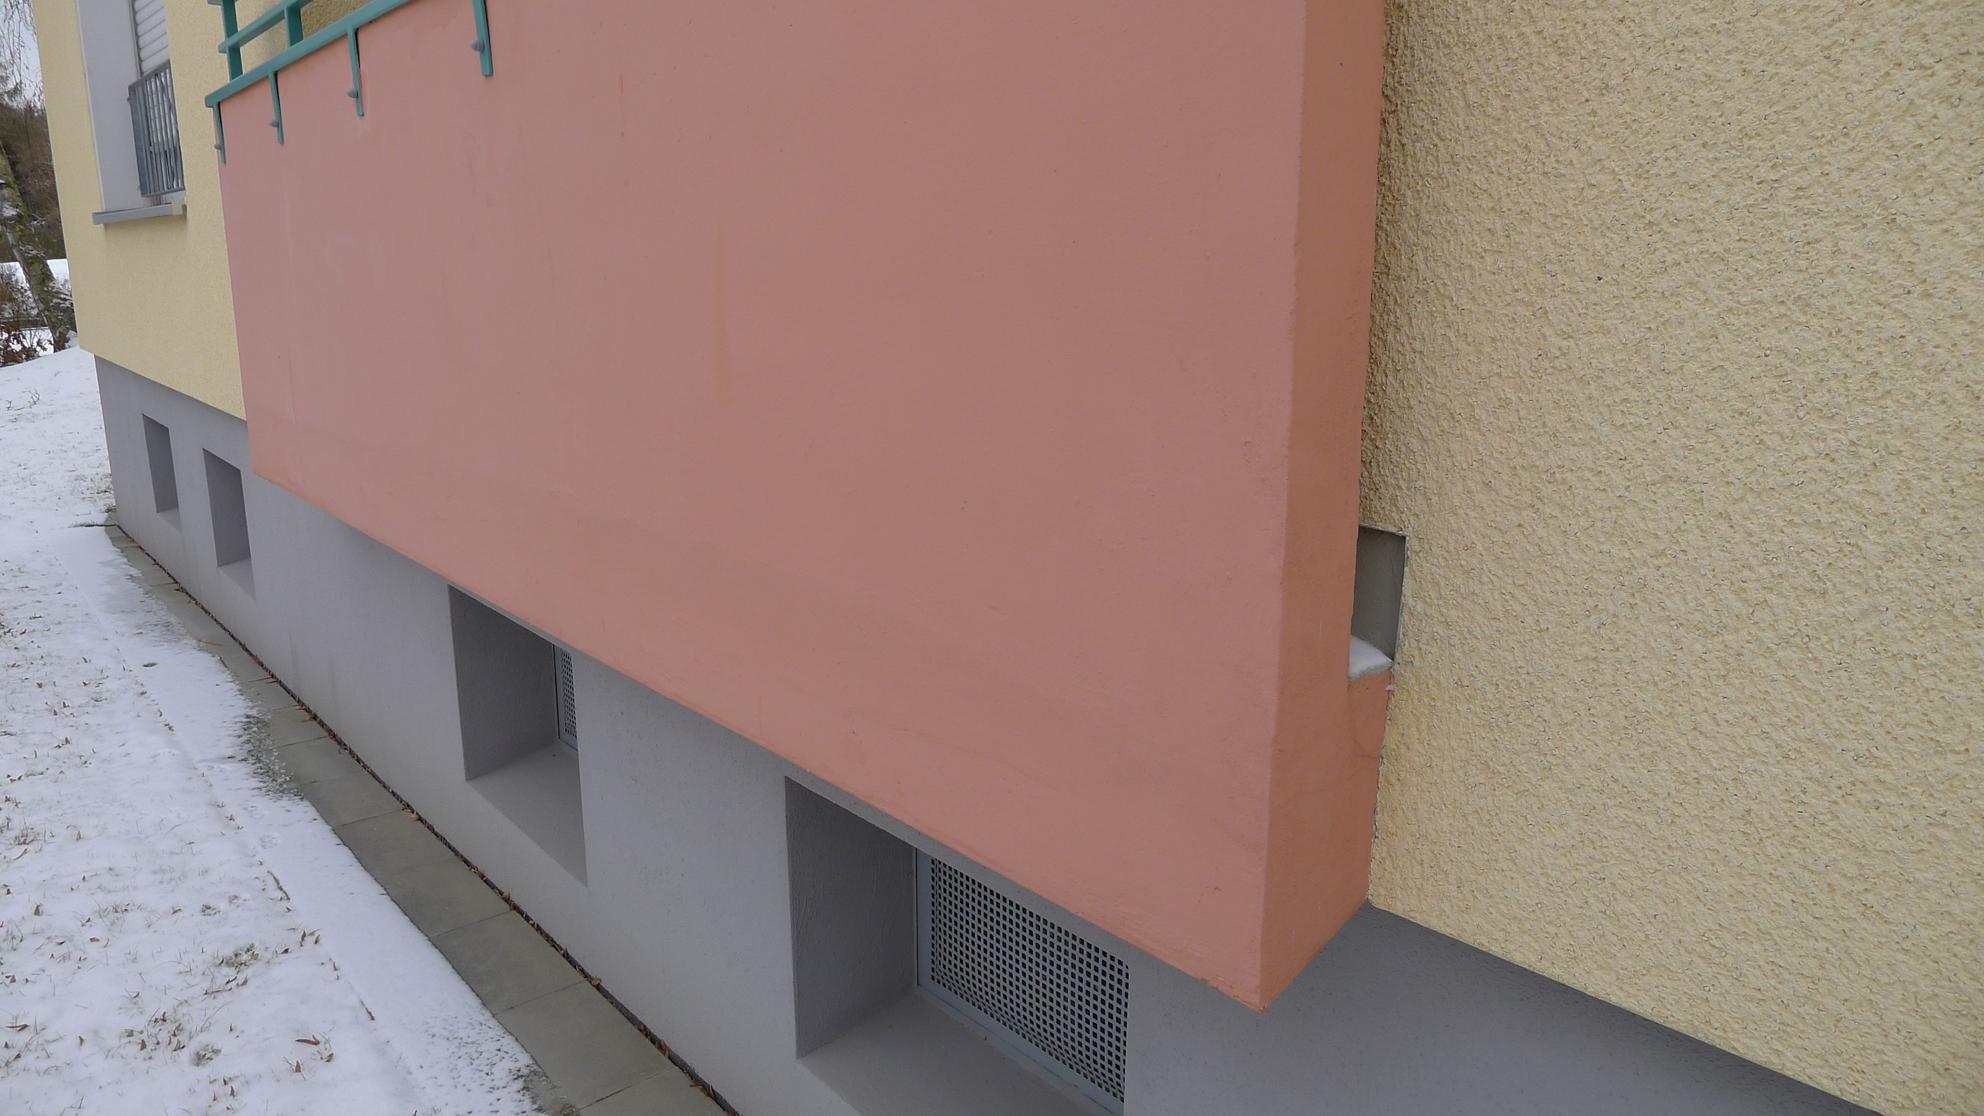 Berühmt Betonsanierung | Möller GmbH BU93